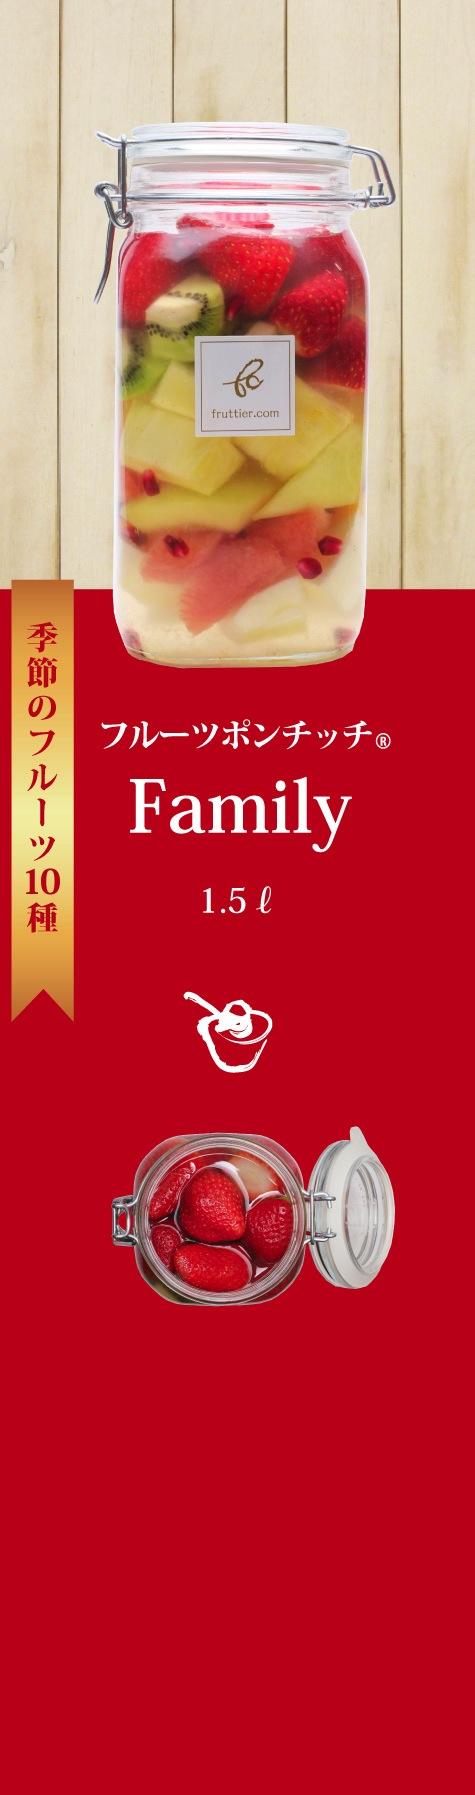 フルーツポンチッチFamily〜いちご食べ比べ